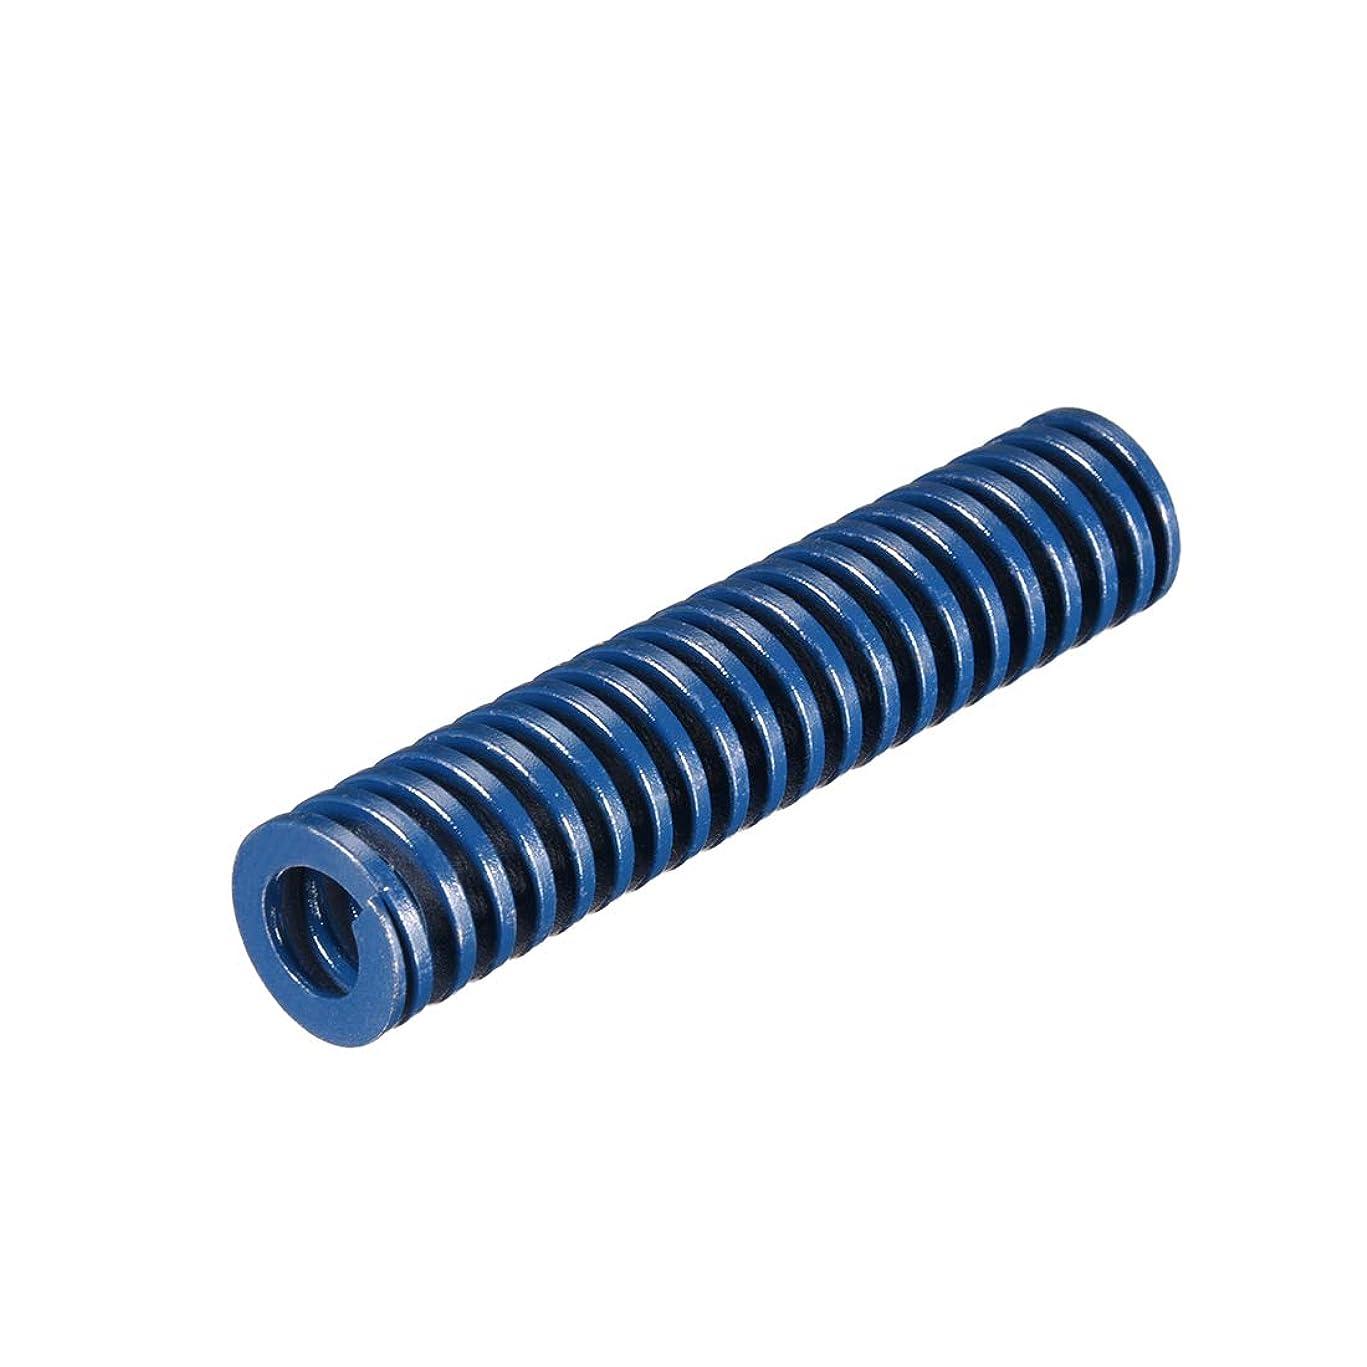 シネマ差状況uxcell 圧縮成形型ばね 16x75mm ロング スパイラル スタンピング 軽負荷 クローズエンドデザイン ブルー 1個入り